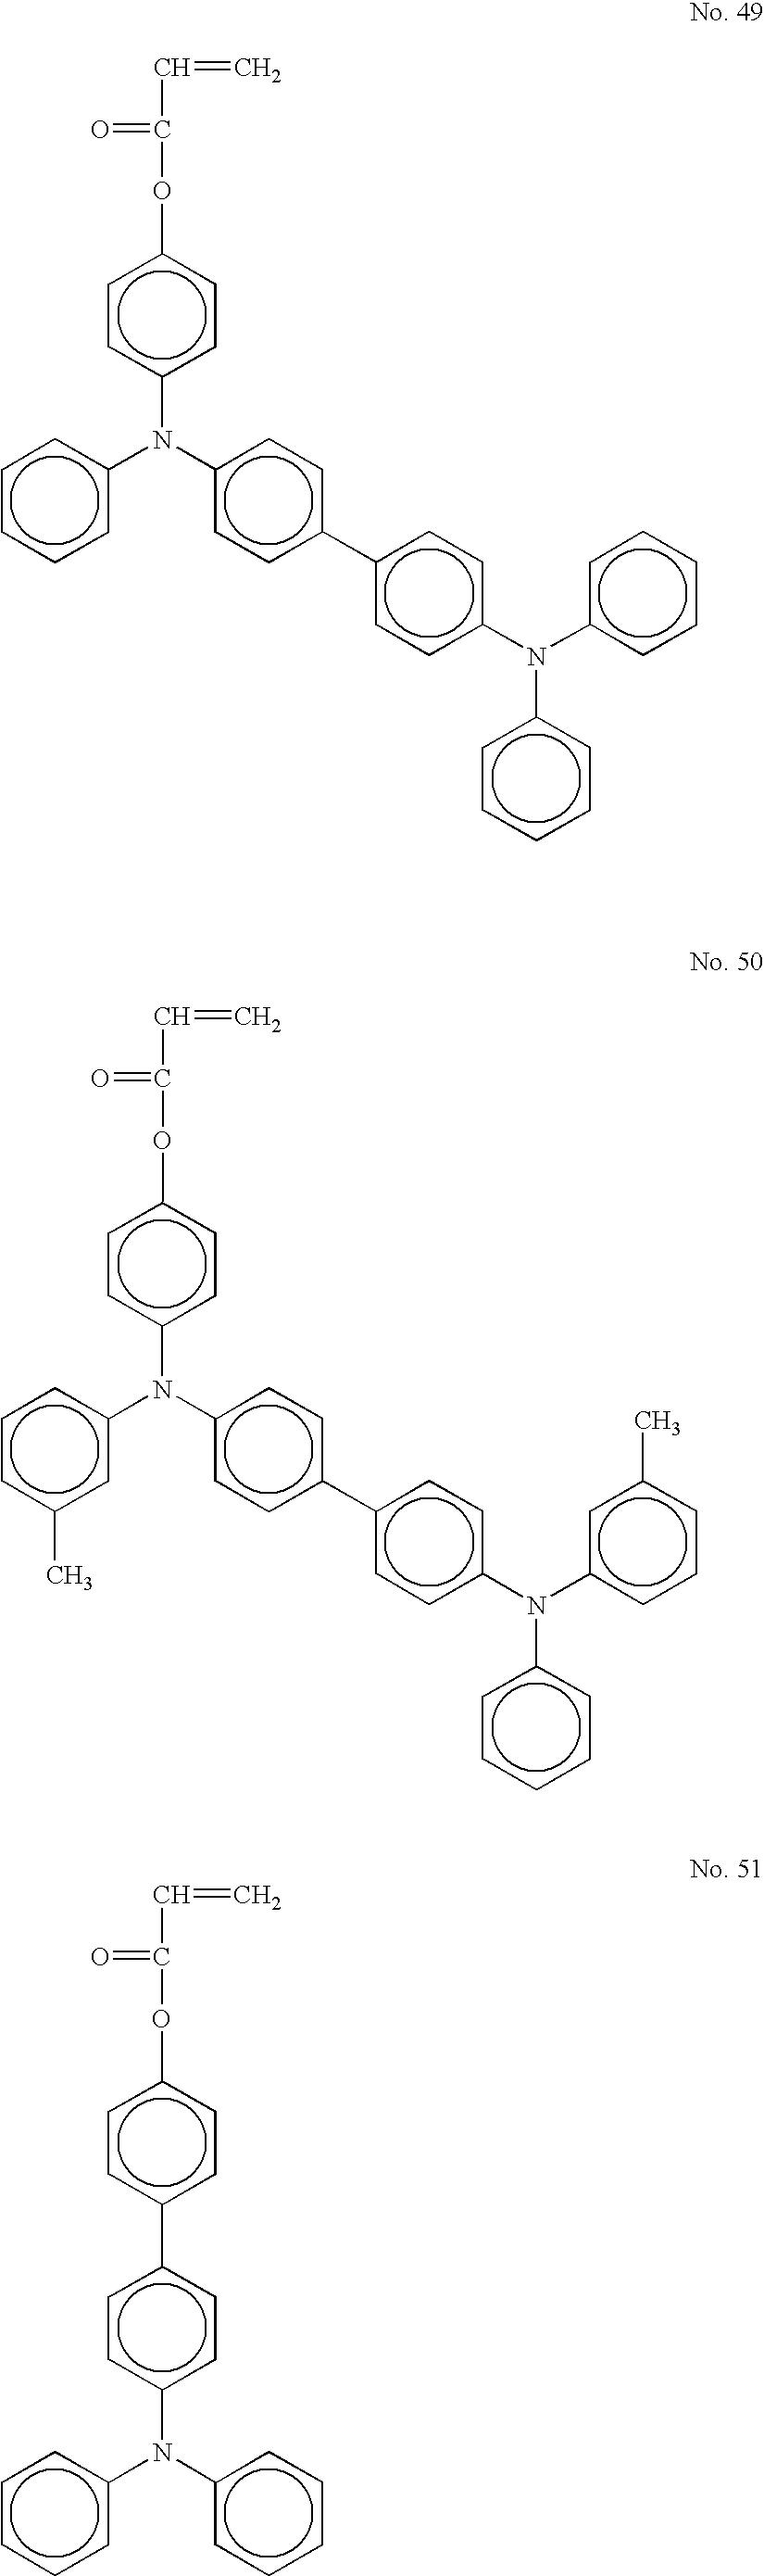 Figure US07175957-20070213-C00028